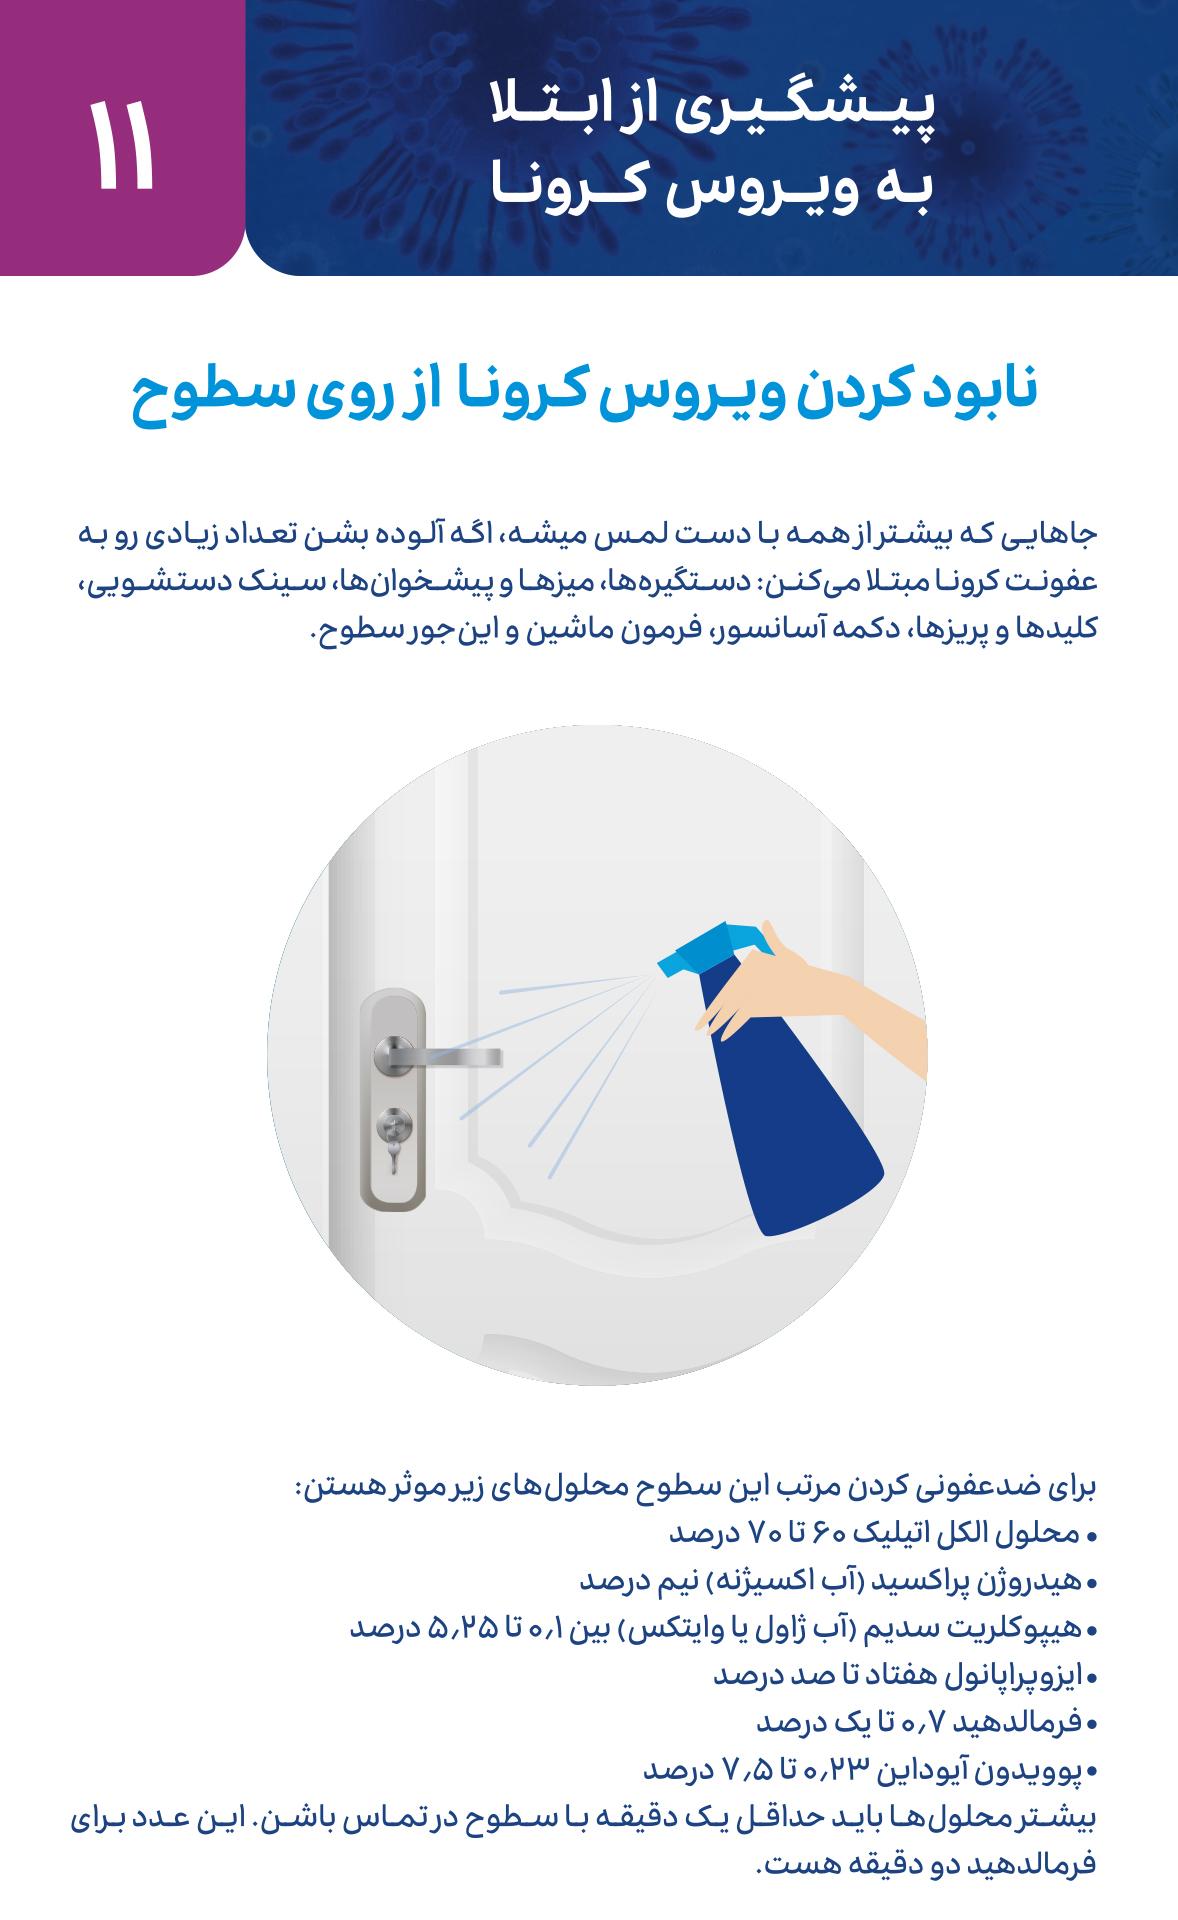 متخصص زنان اصفهان نابود کردن ویروس کرونا از روی سطوح